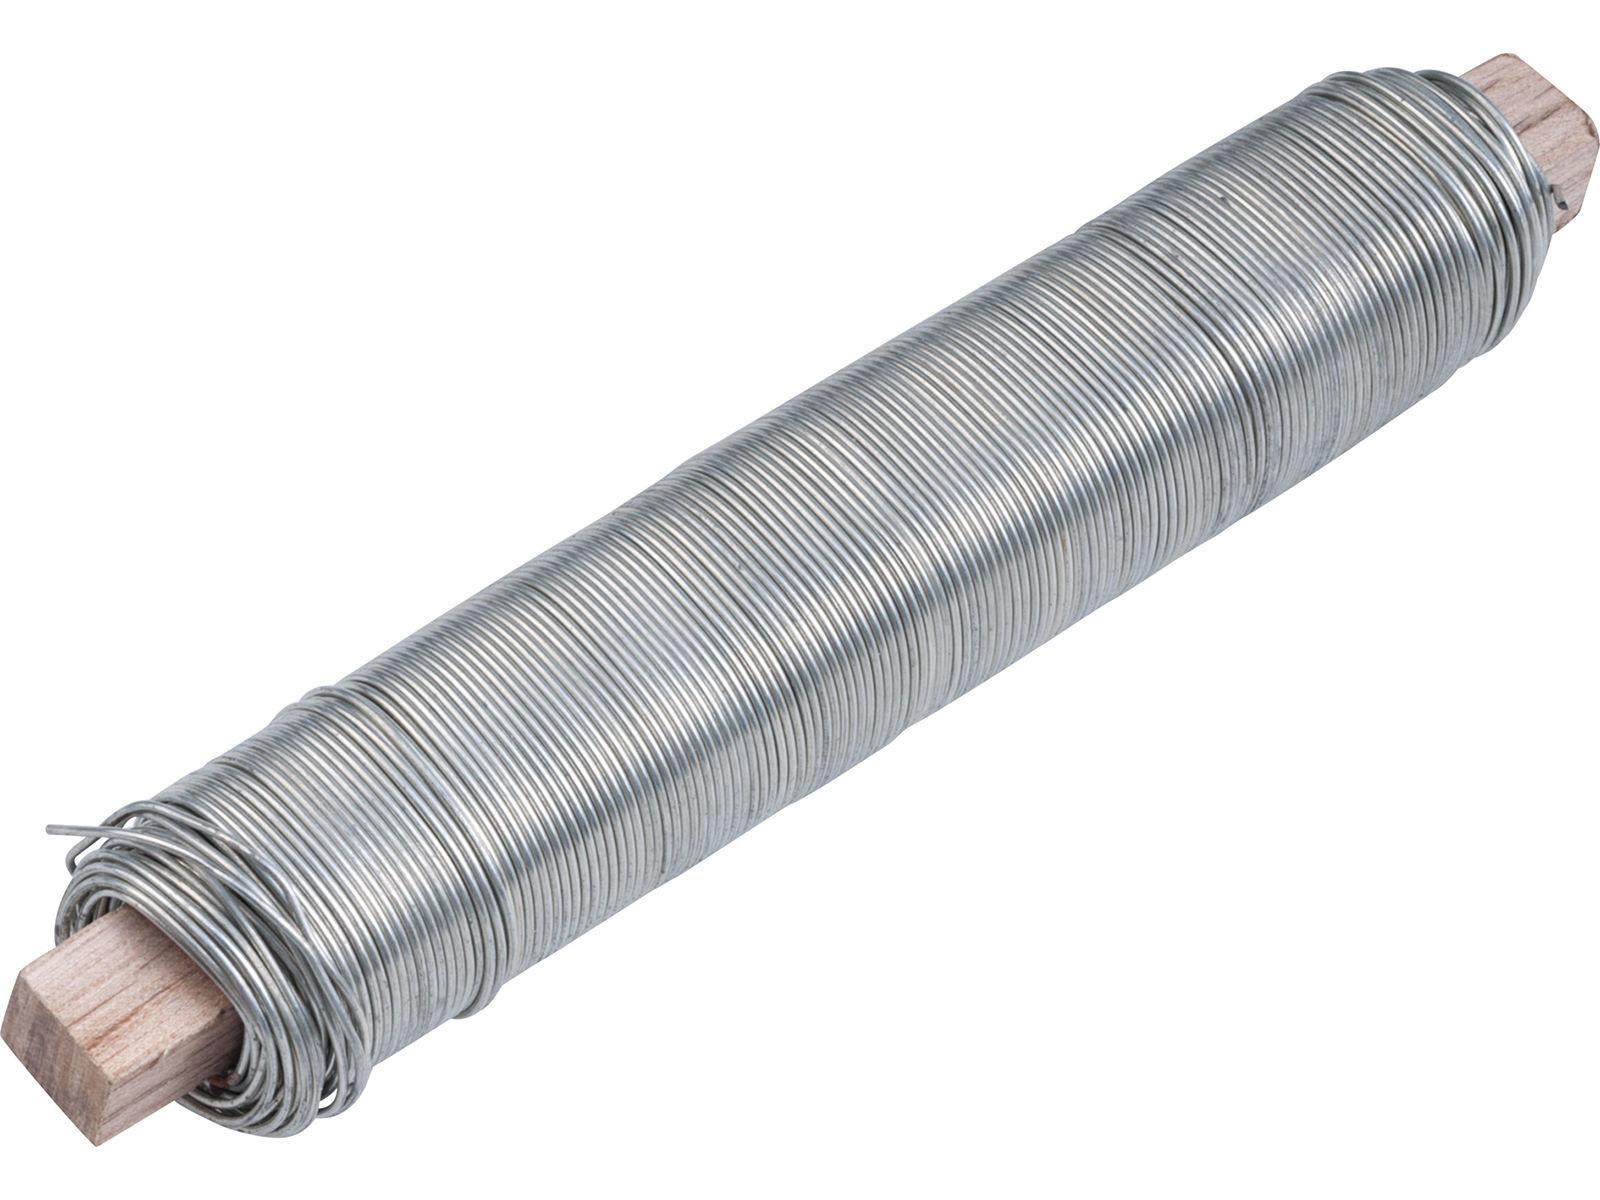 Bilde av Ståltråd elforsinket 0.7mmx42m